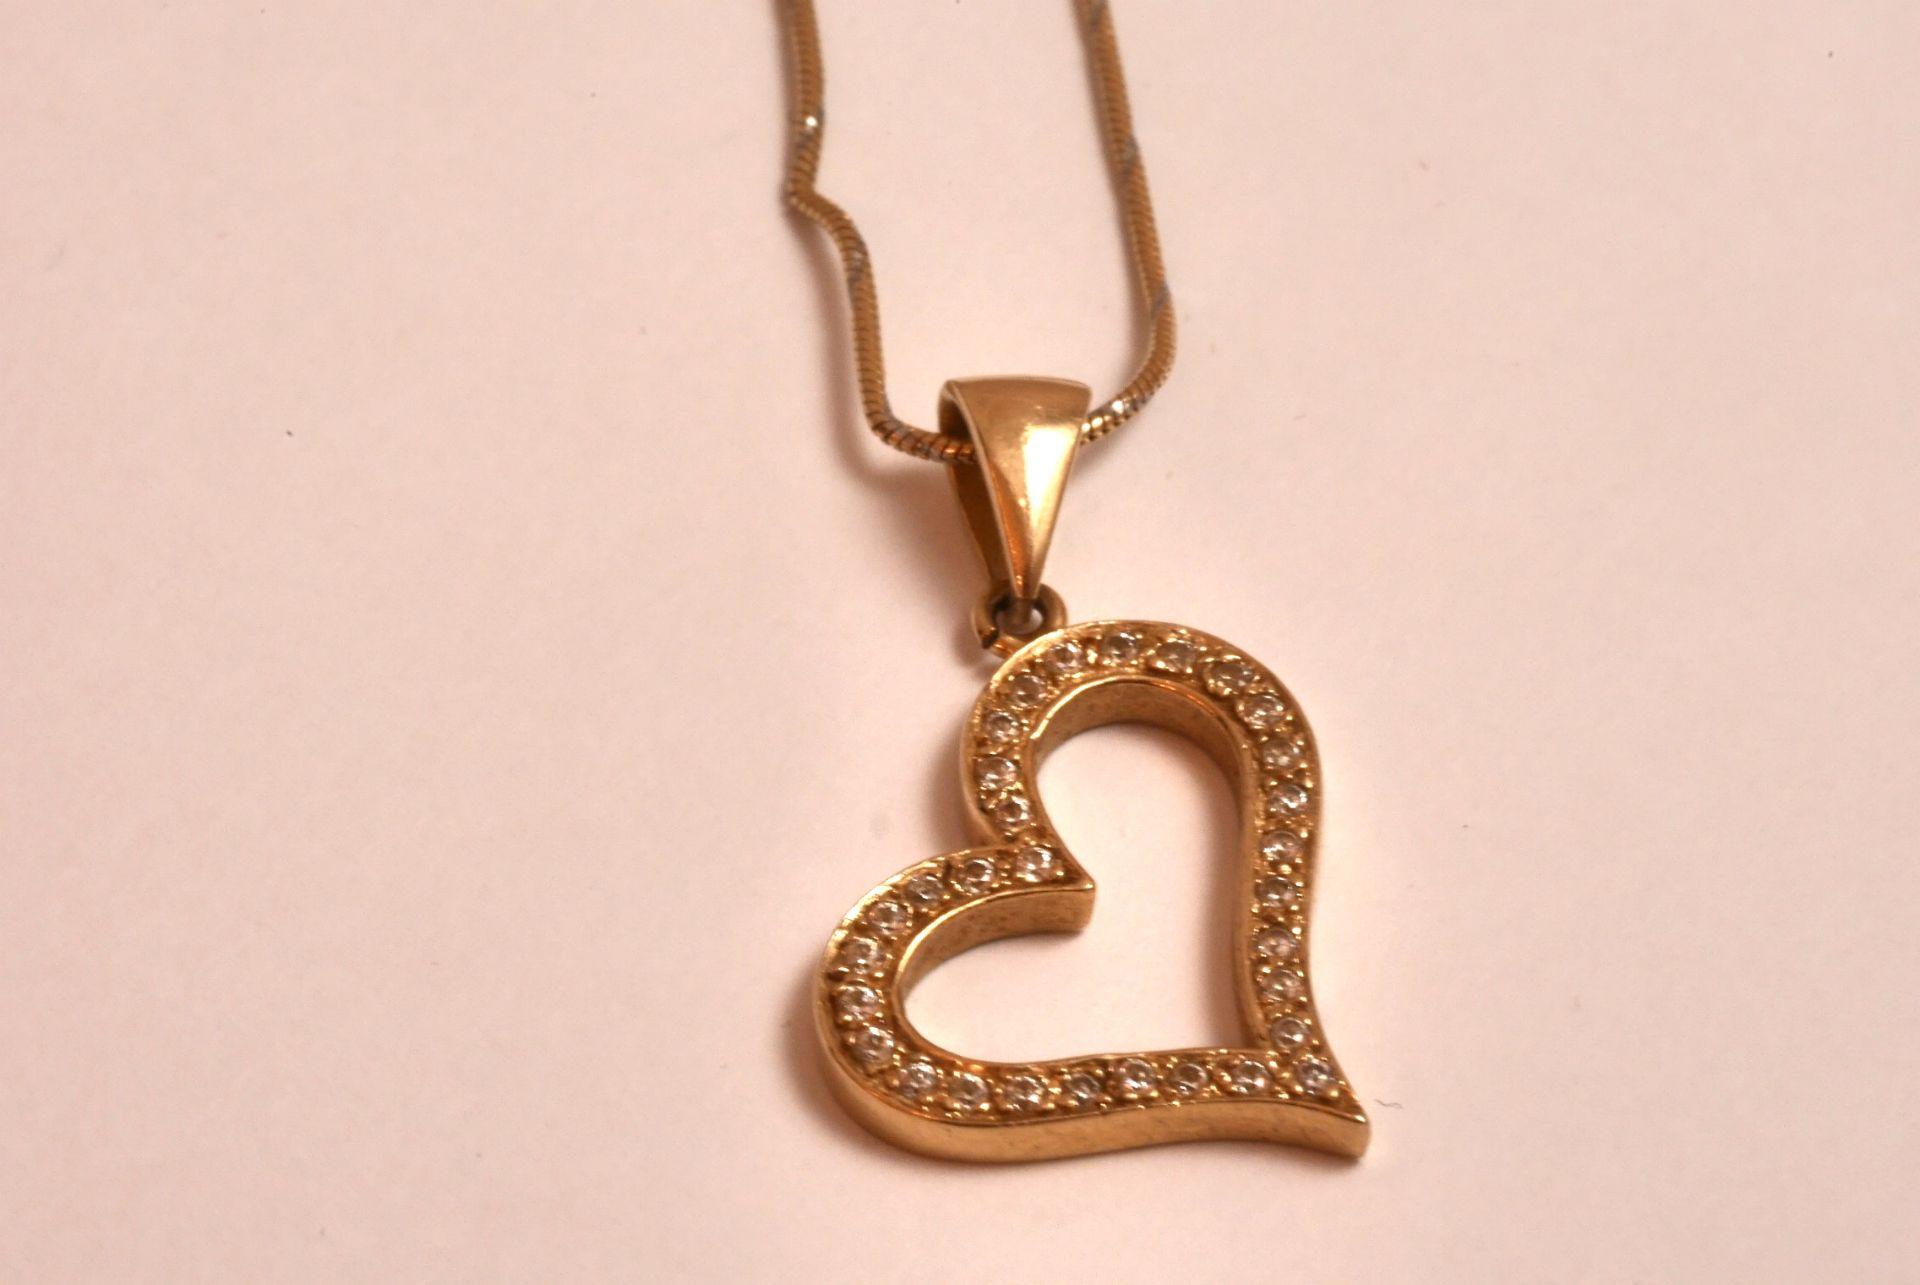 Halskette mit Herzanhänger GG 585, Zirkonia, 5,65 Gramm